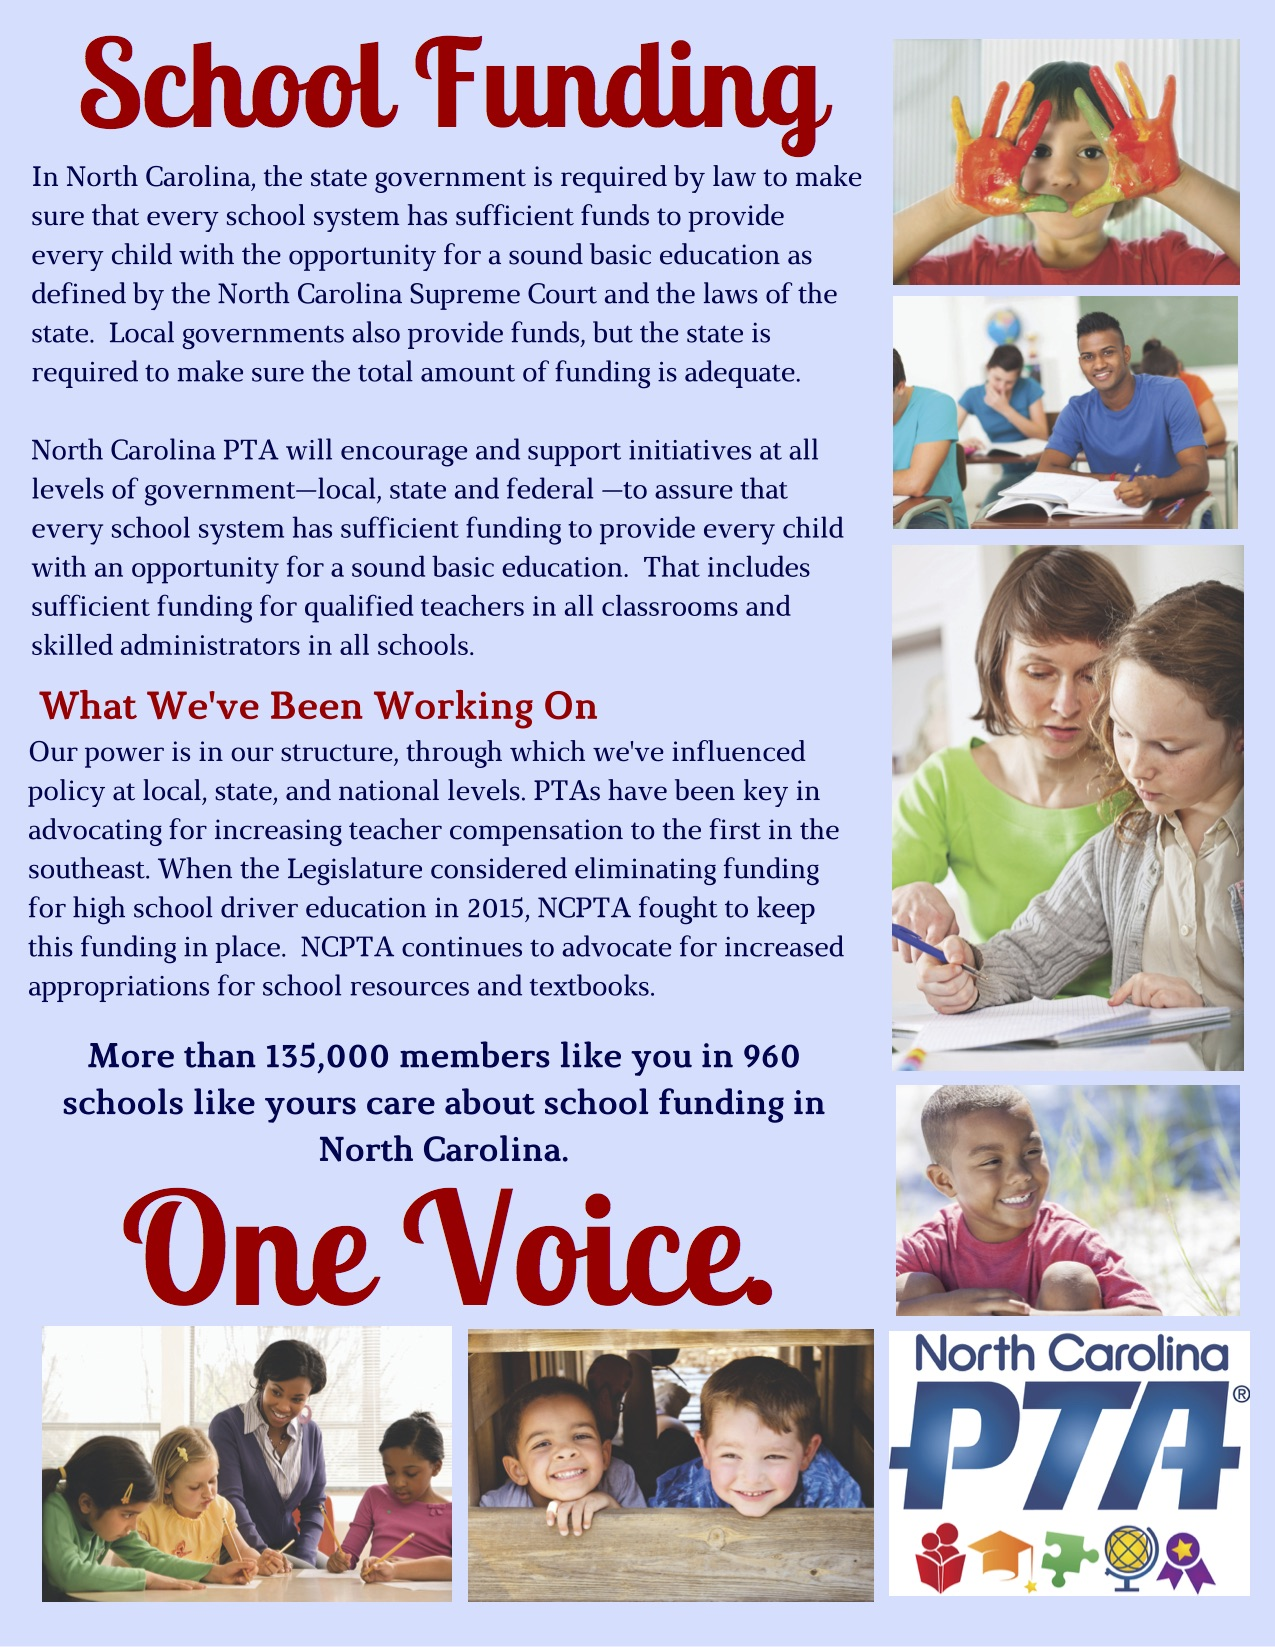 one-voice-school-funding